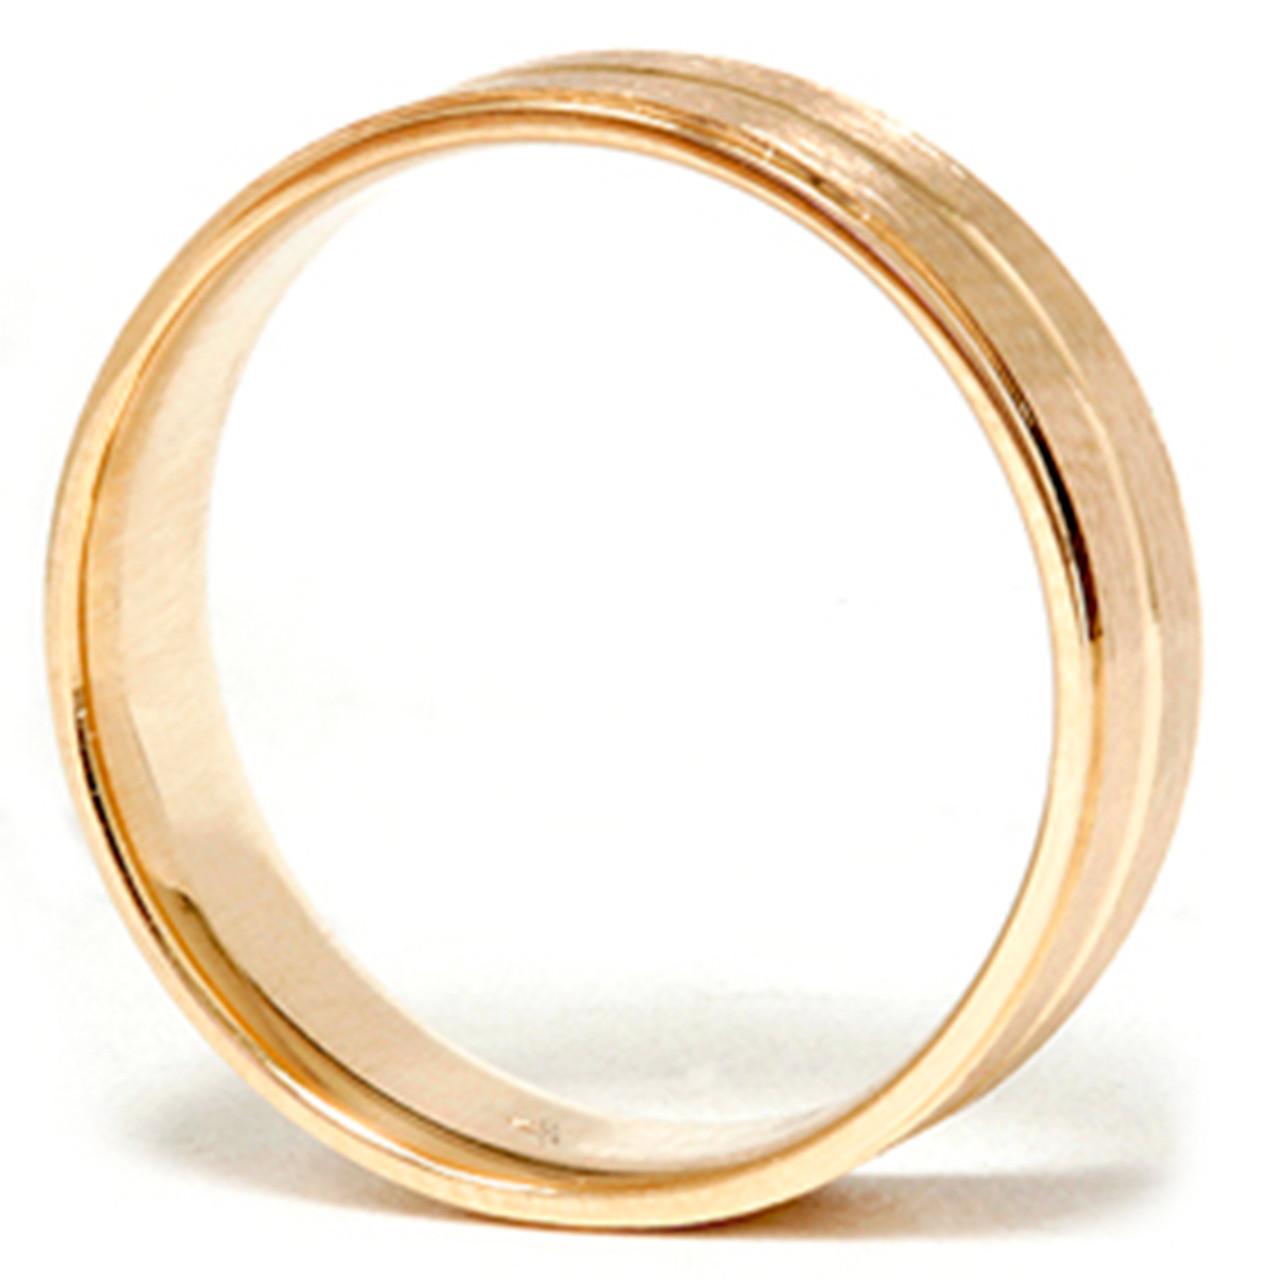 1ef334572d50e Mens 14k Gold Flat 6mm Brushed Comfort Fit Wedding Band